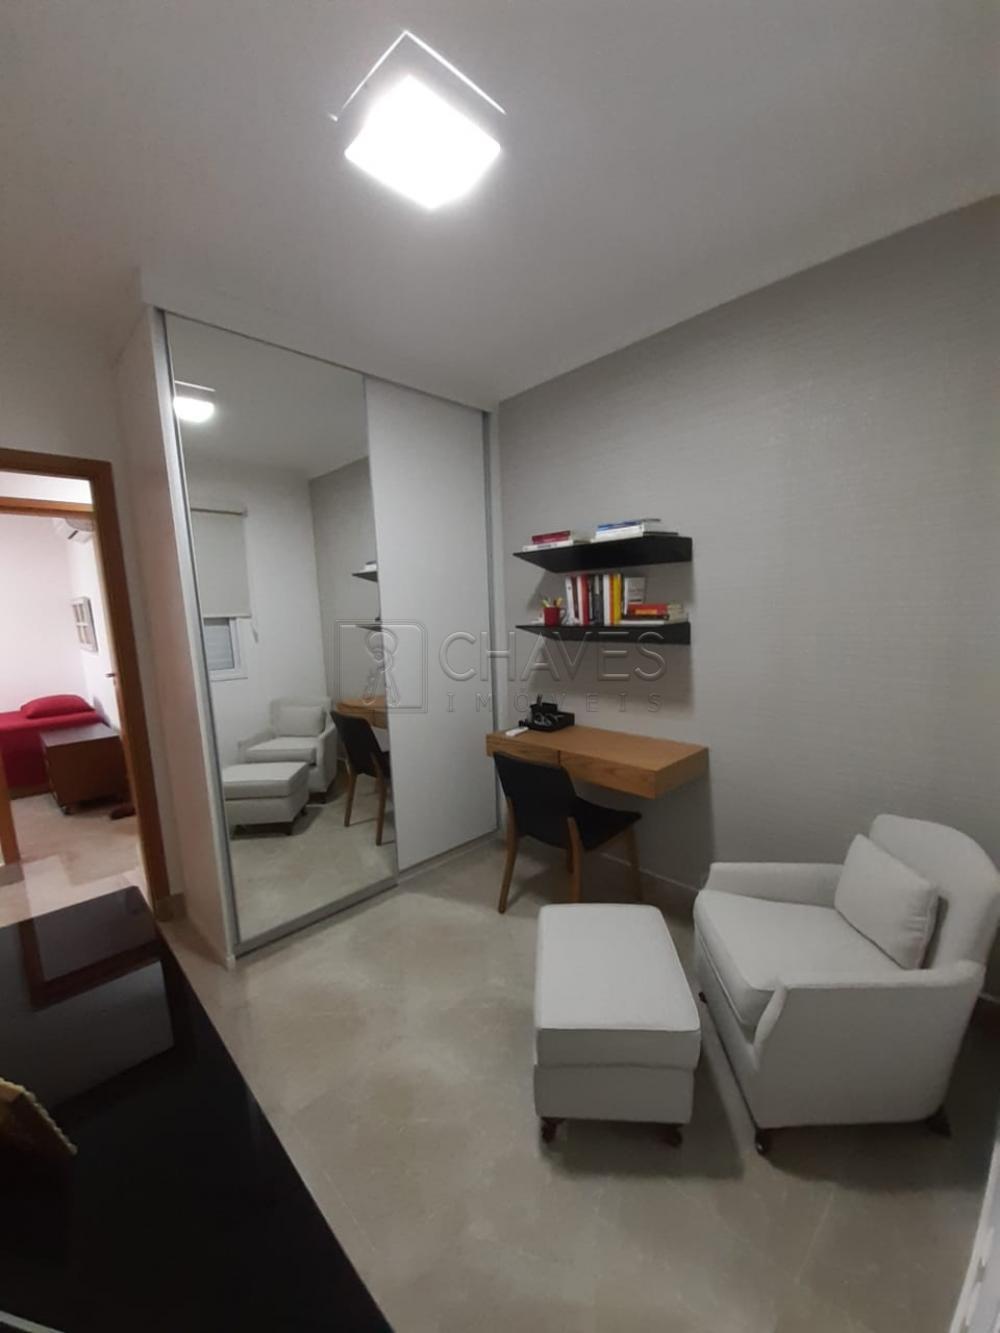 Comprar Apartamento / Padrão em Ribeirão Preto apenas R$ 700.000,00 - Foto 10